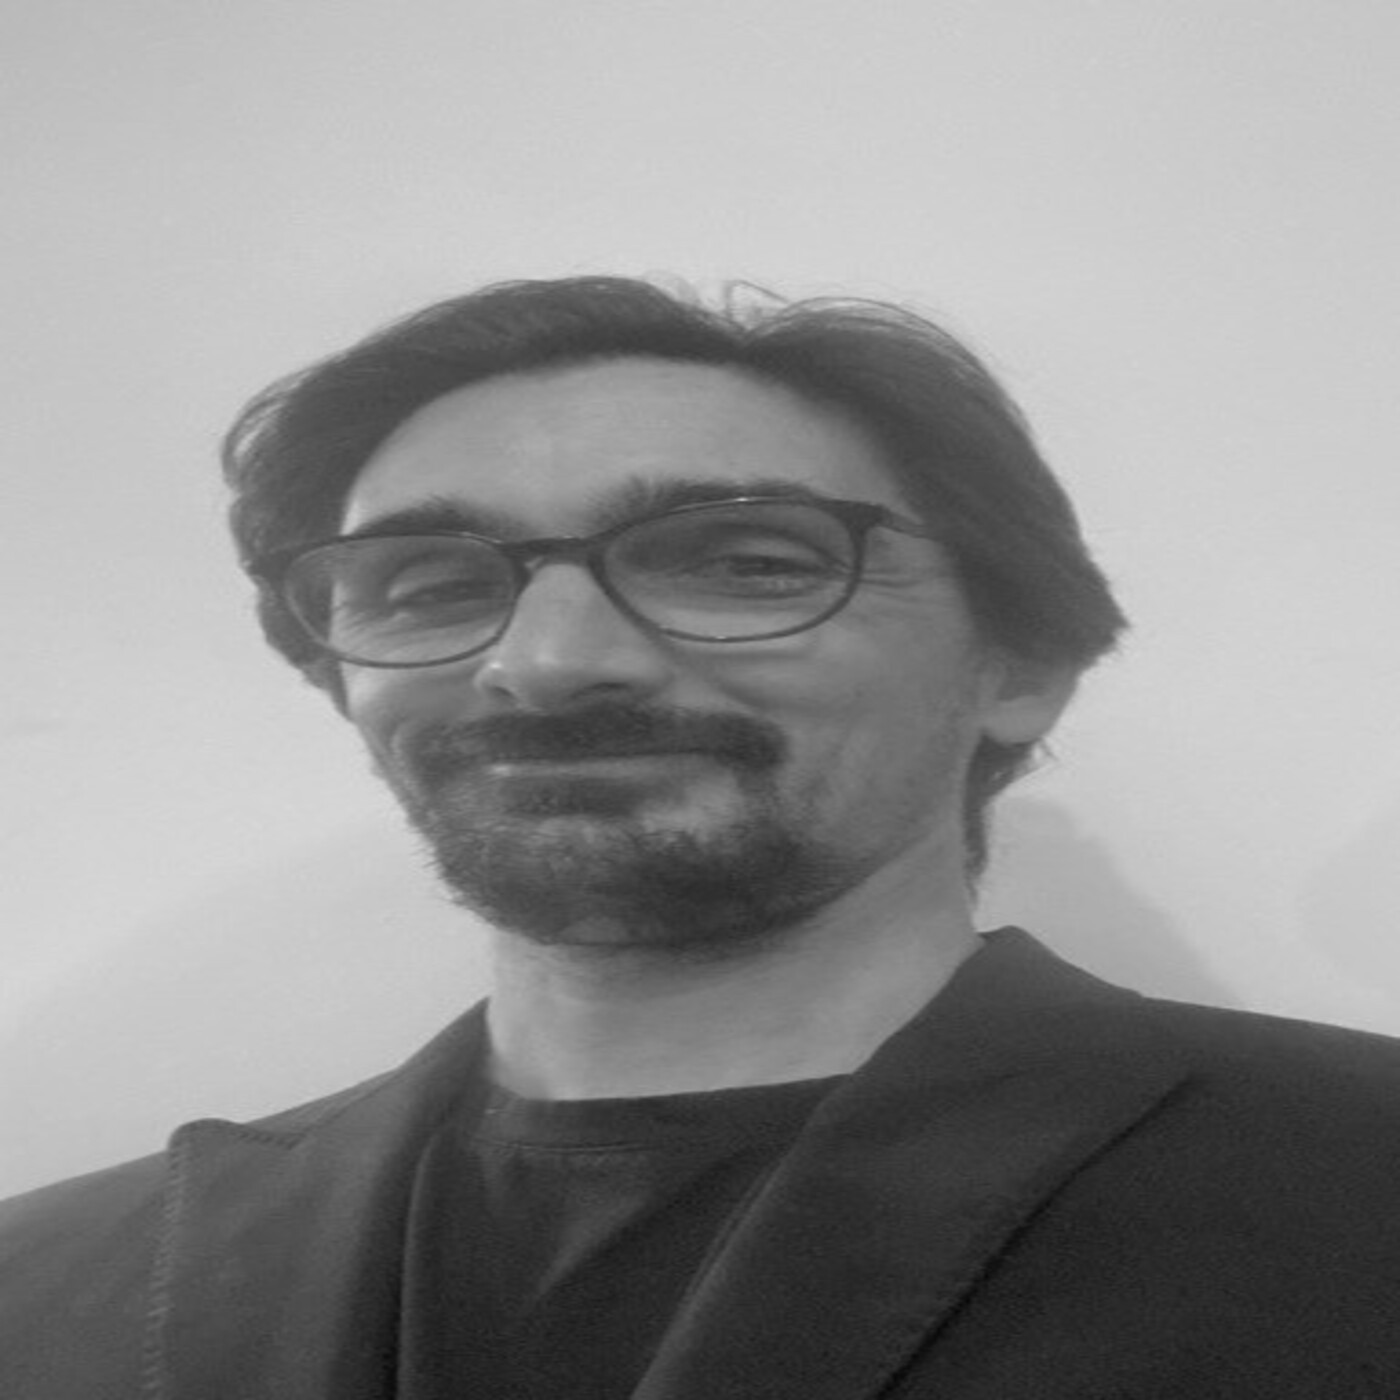 #51 - Jean-pascal, Dirigeant d'une société de sécurité de biens